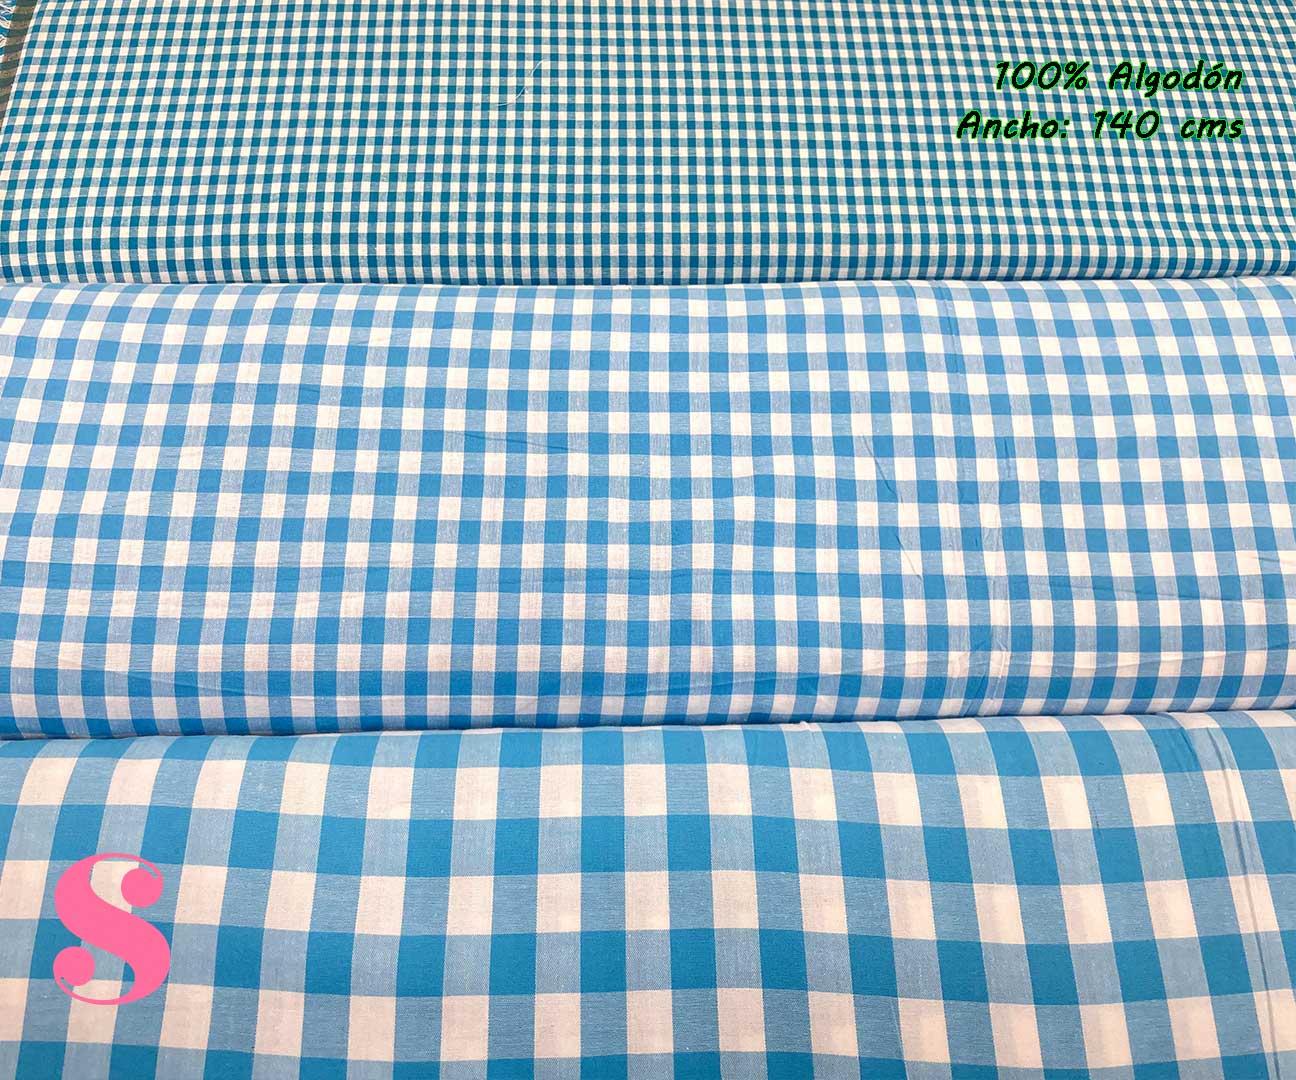 20-telas-de-algodón-100%,telas-infantiles,estampados-infantiles,telas-para-bebes,Vicky Algodón Cuadros Azul 5 Milímetros,Vicky Algodón Cuadros Azul 1 Centímetro